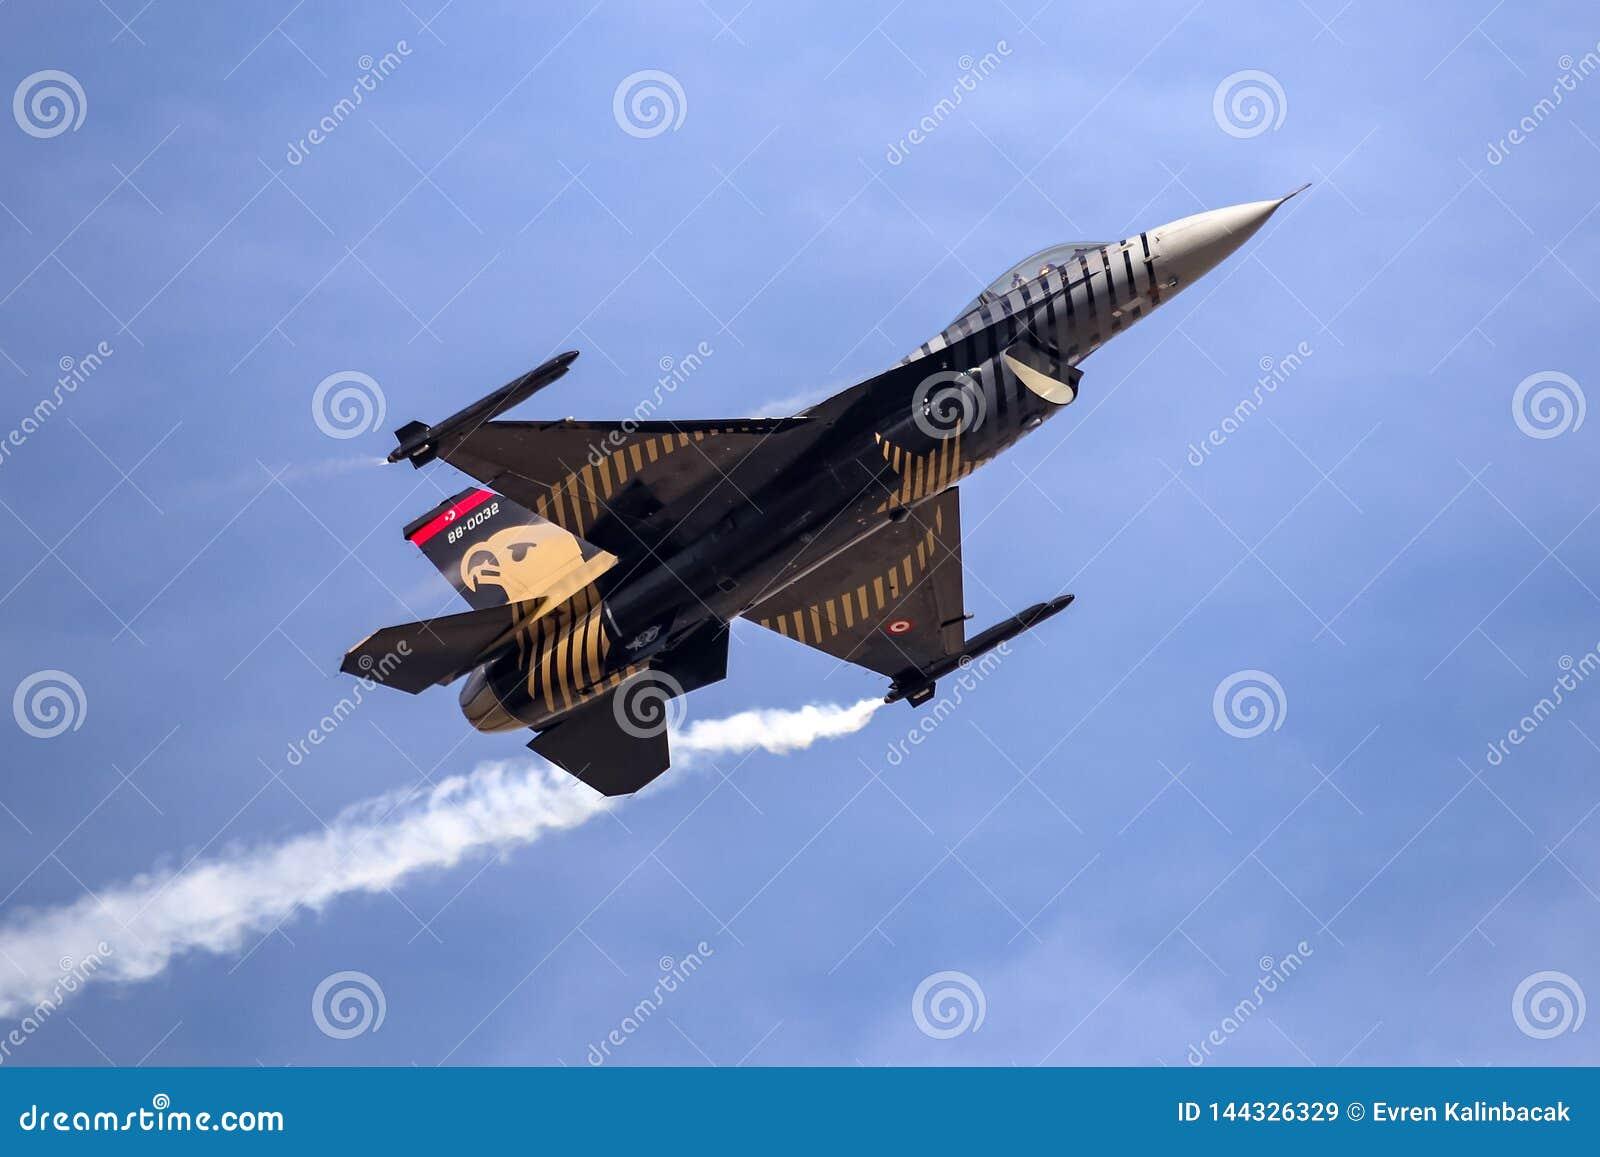 Turk Air Aerobatics Show solo in Teknofest Costantinopoli